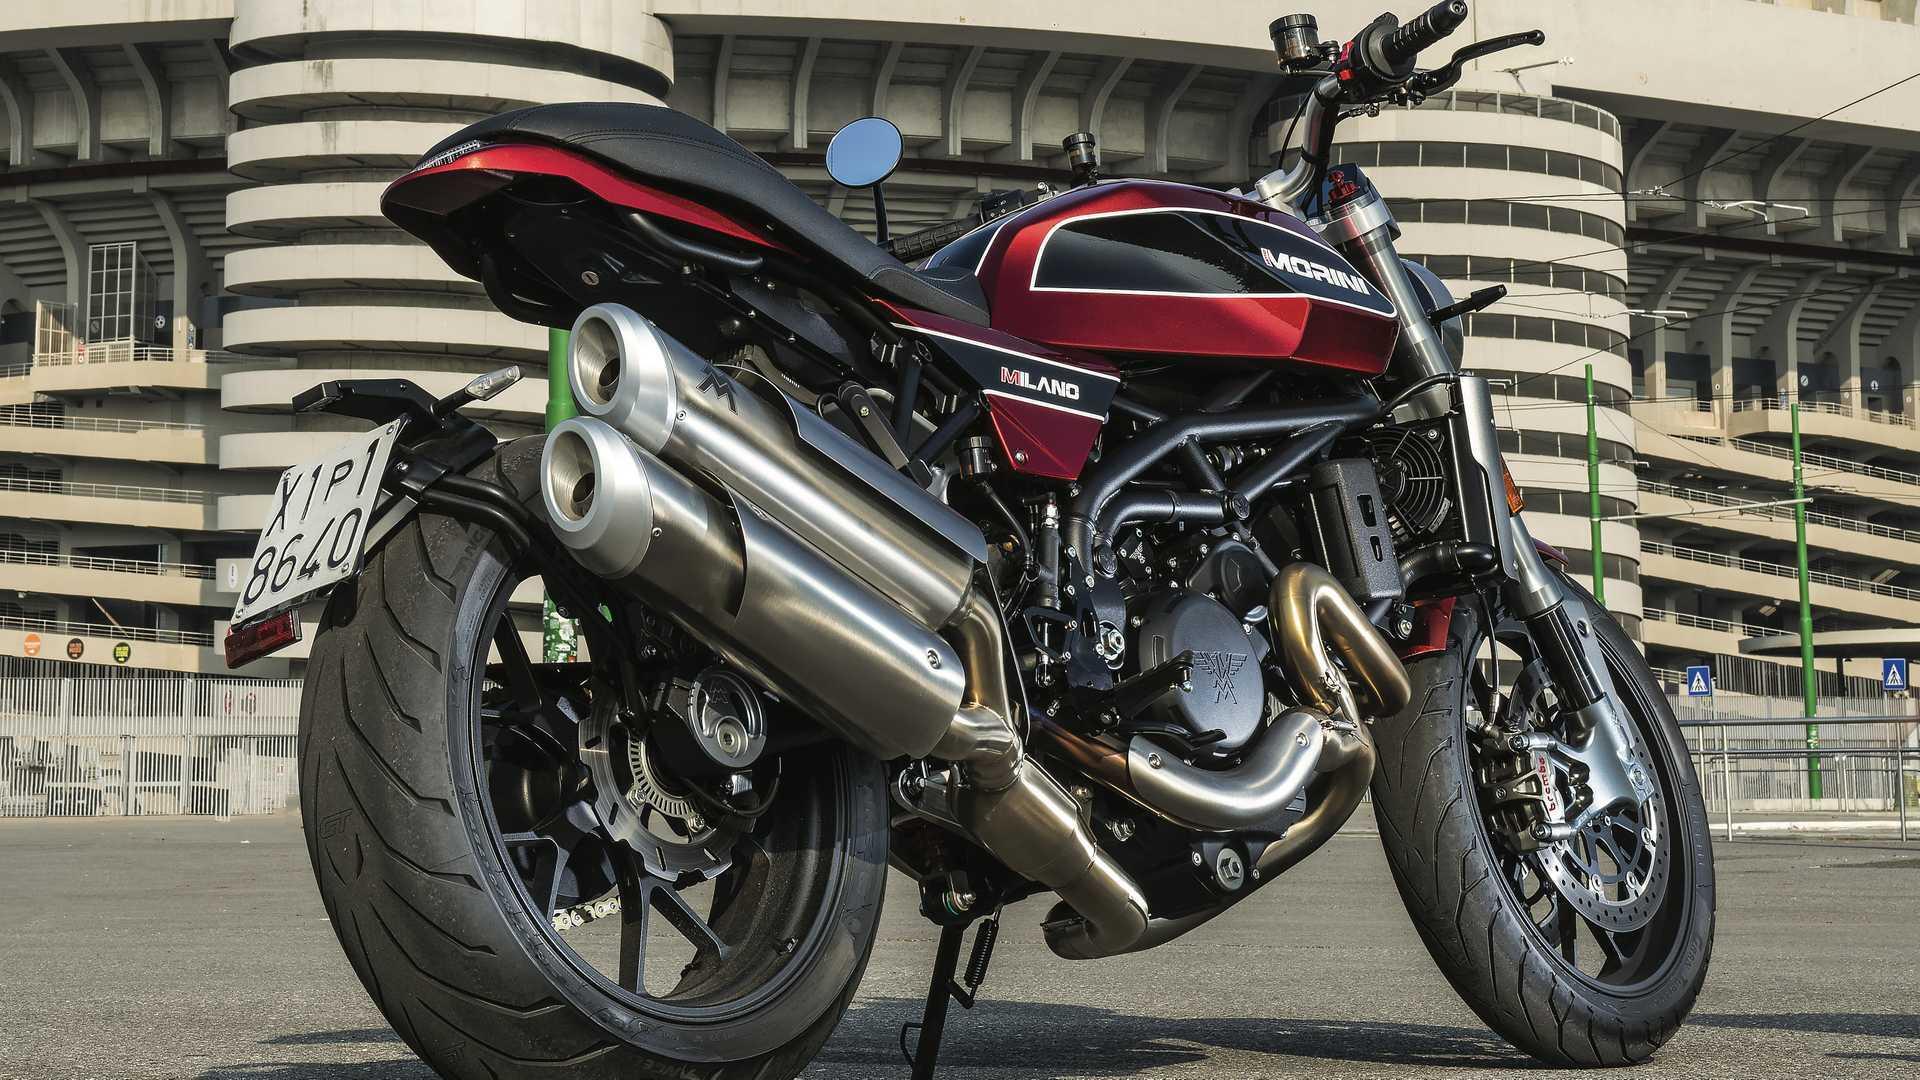 Moto Morini Milano : présentation, fiche technique, prix